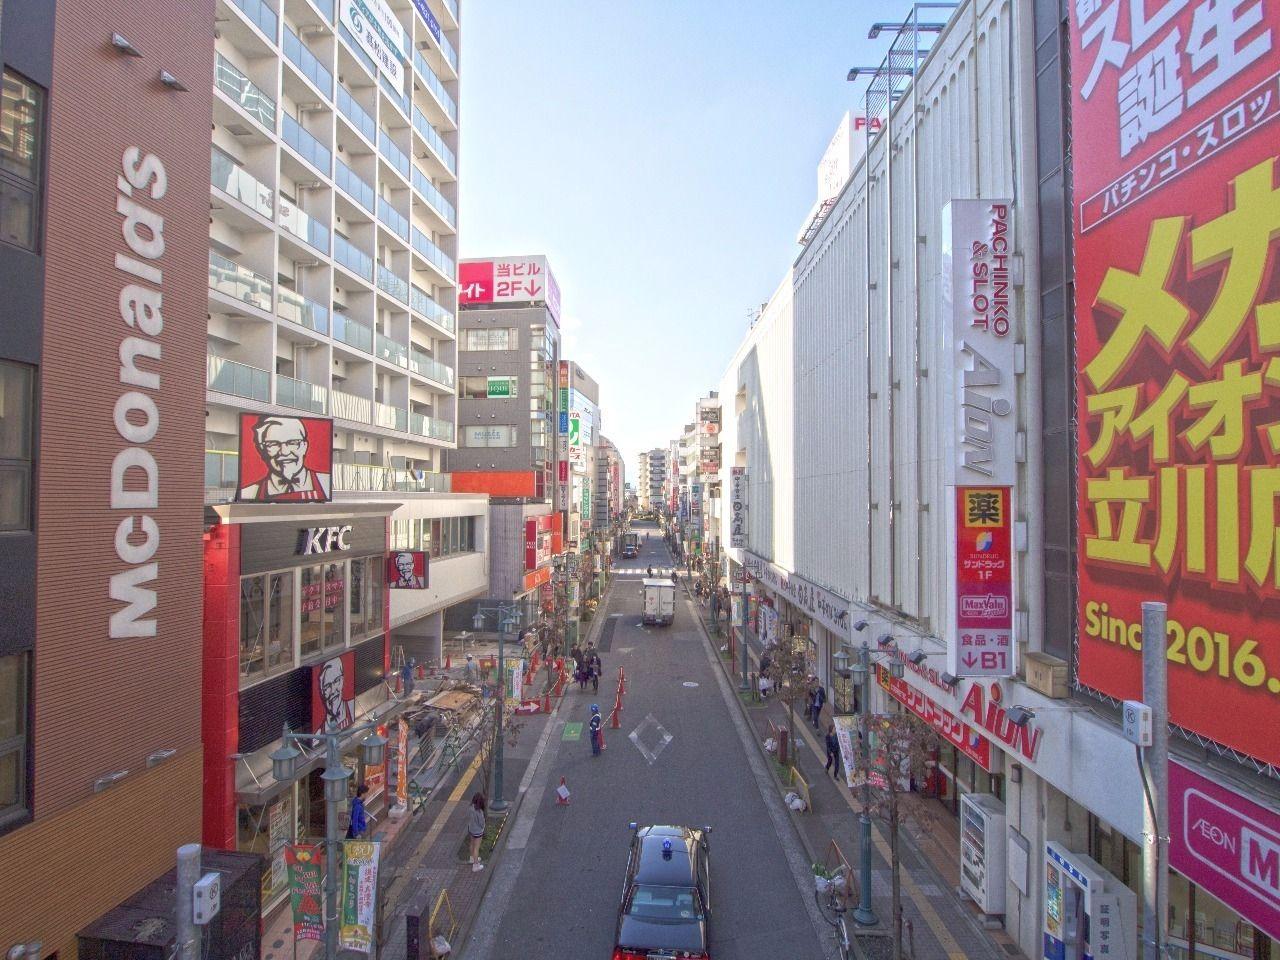 「柴崎山居」はこの諏訪通りを抜けた柴崎町の住宅街にあります